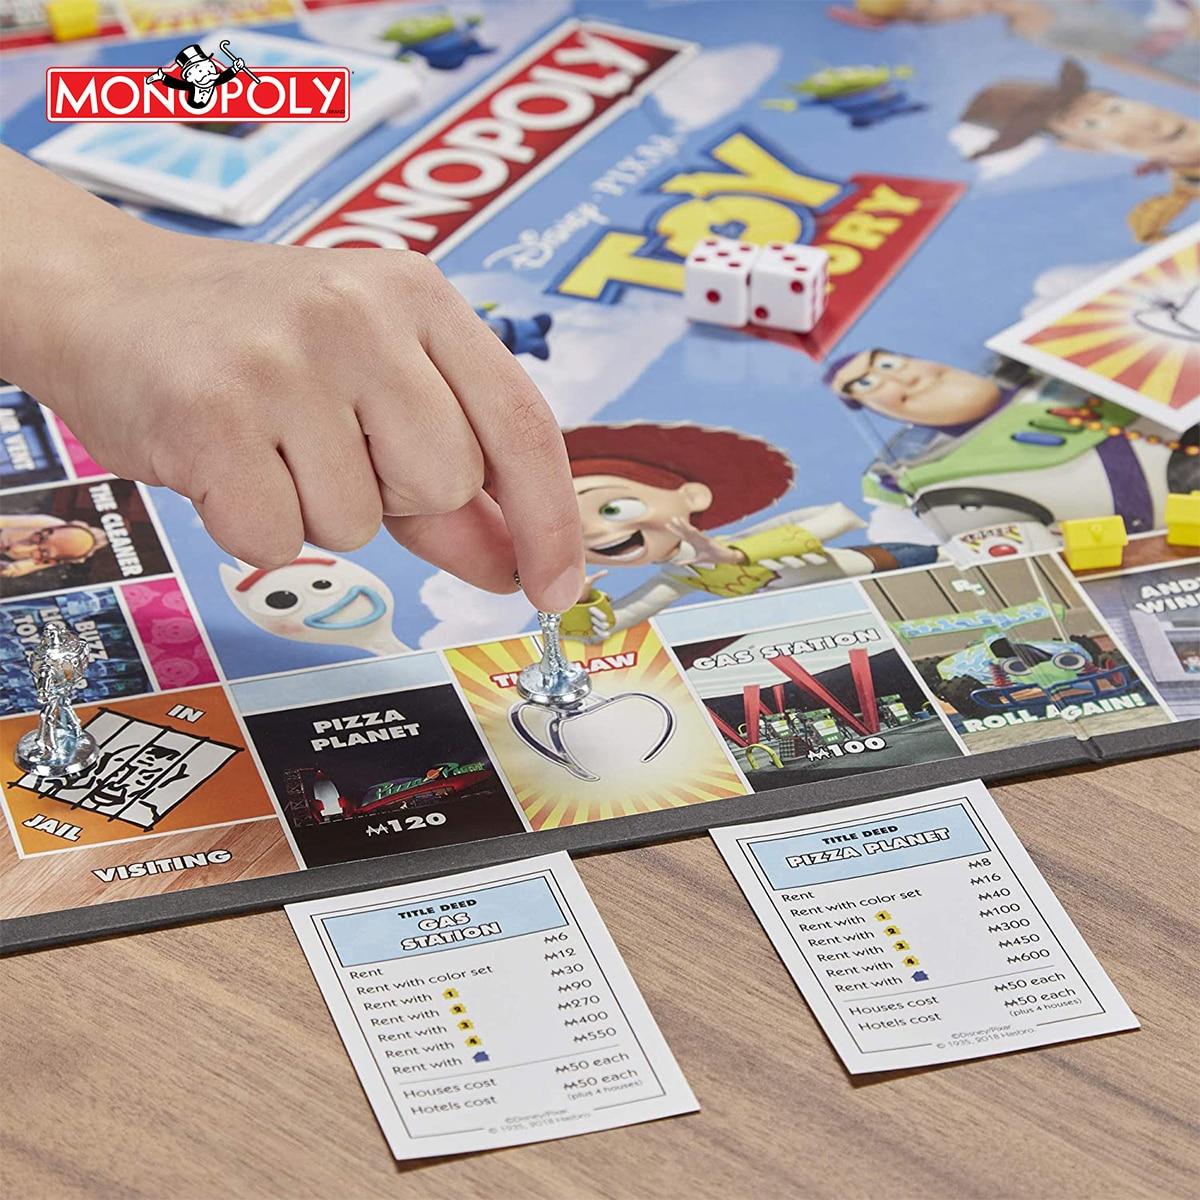 Классическая настольная игра-головоломка «История игрушек», енот, для детей, настольная игра для мальчиков и девочек, подарок на день рождения, E5065 2